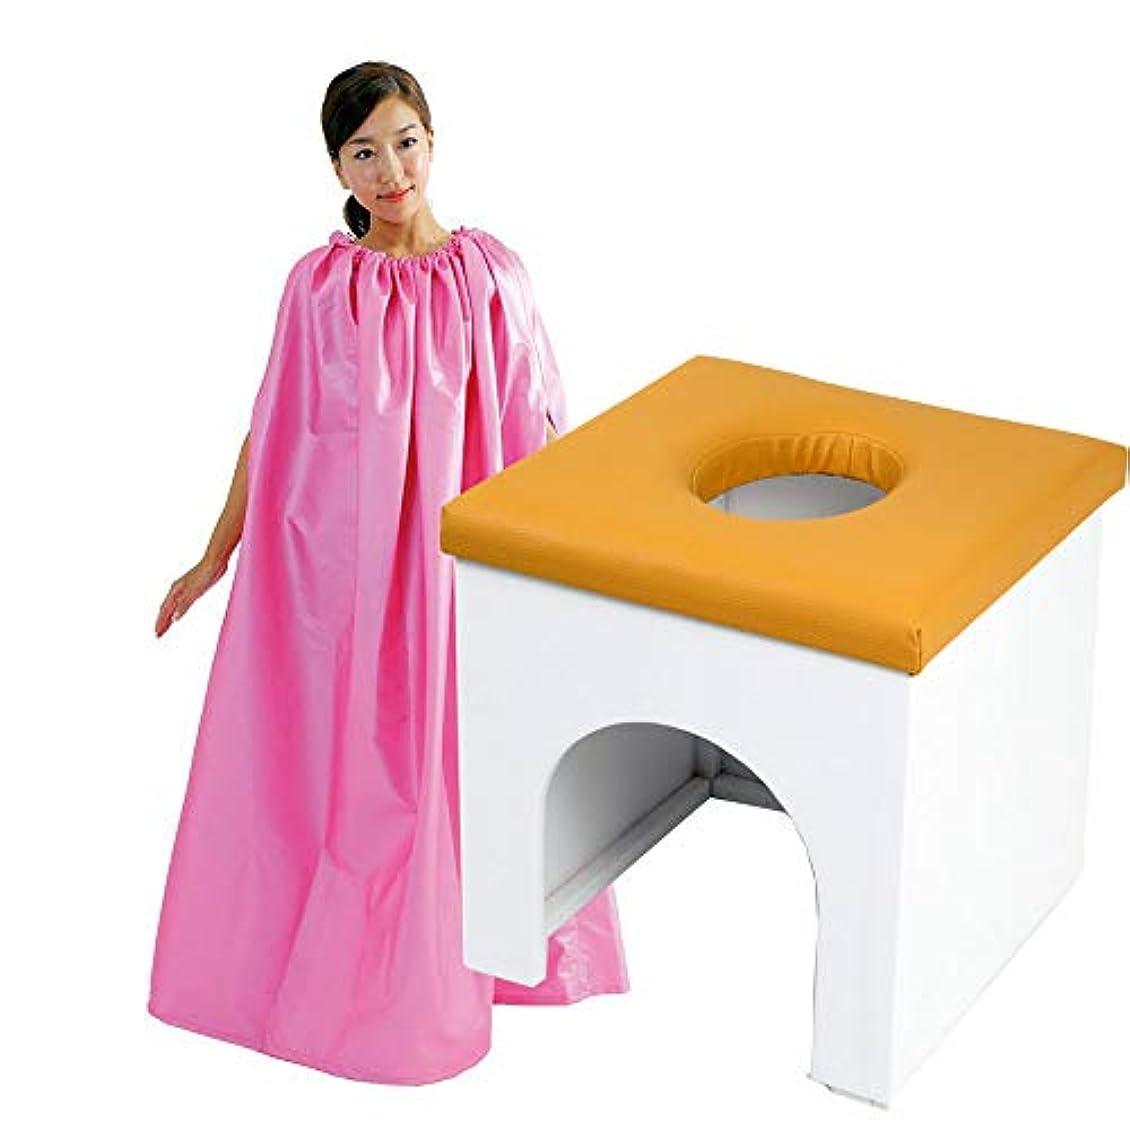 キャプションちらつきリハーサル【WM】まる温よもぎ蒸し【白椅子(マスタードシート)セット】専用マント?薬草60回分?電気鍋【期待通りの満足感をお届けします!】/爽やかなホワイトカラーで、人体に無害な塗装仕上げで通常の椅子より長持ちします (ピンク)